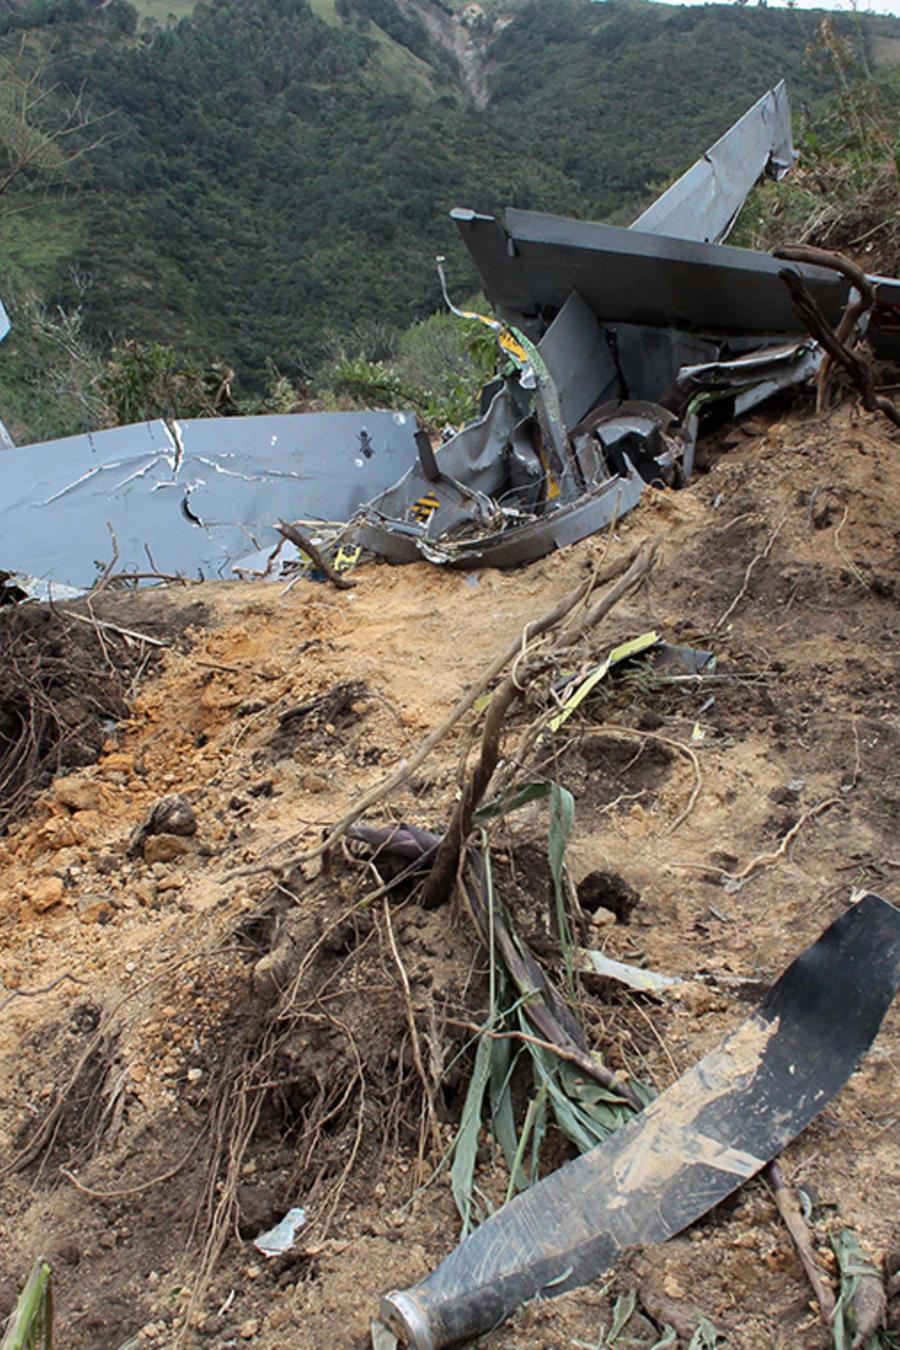 Imagen de archivo del accidente de una avioneta en Jambalo, al sur de Colombia.